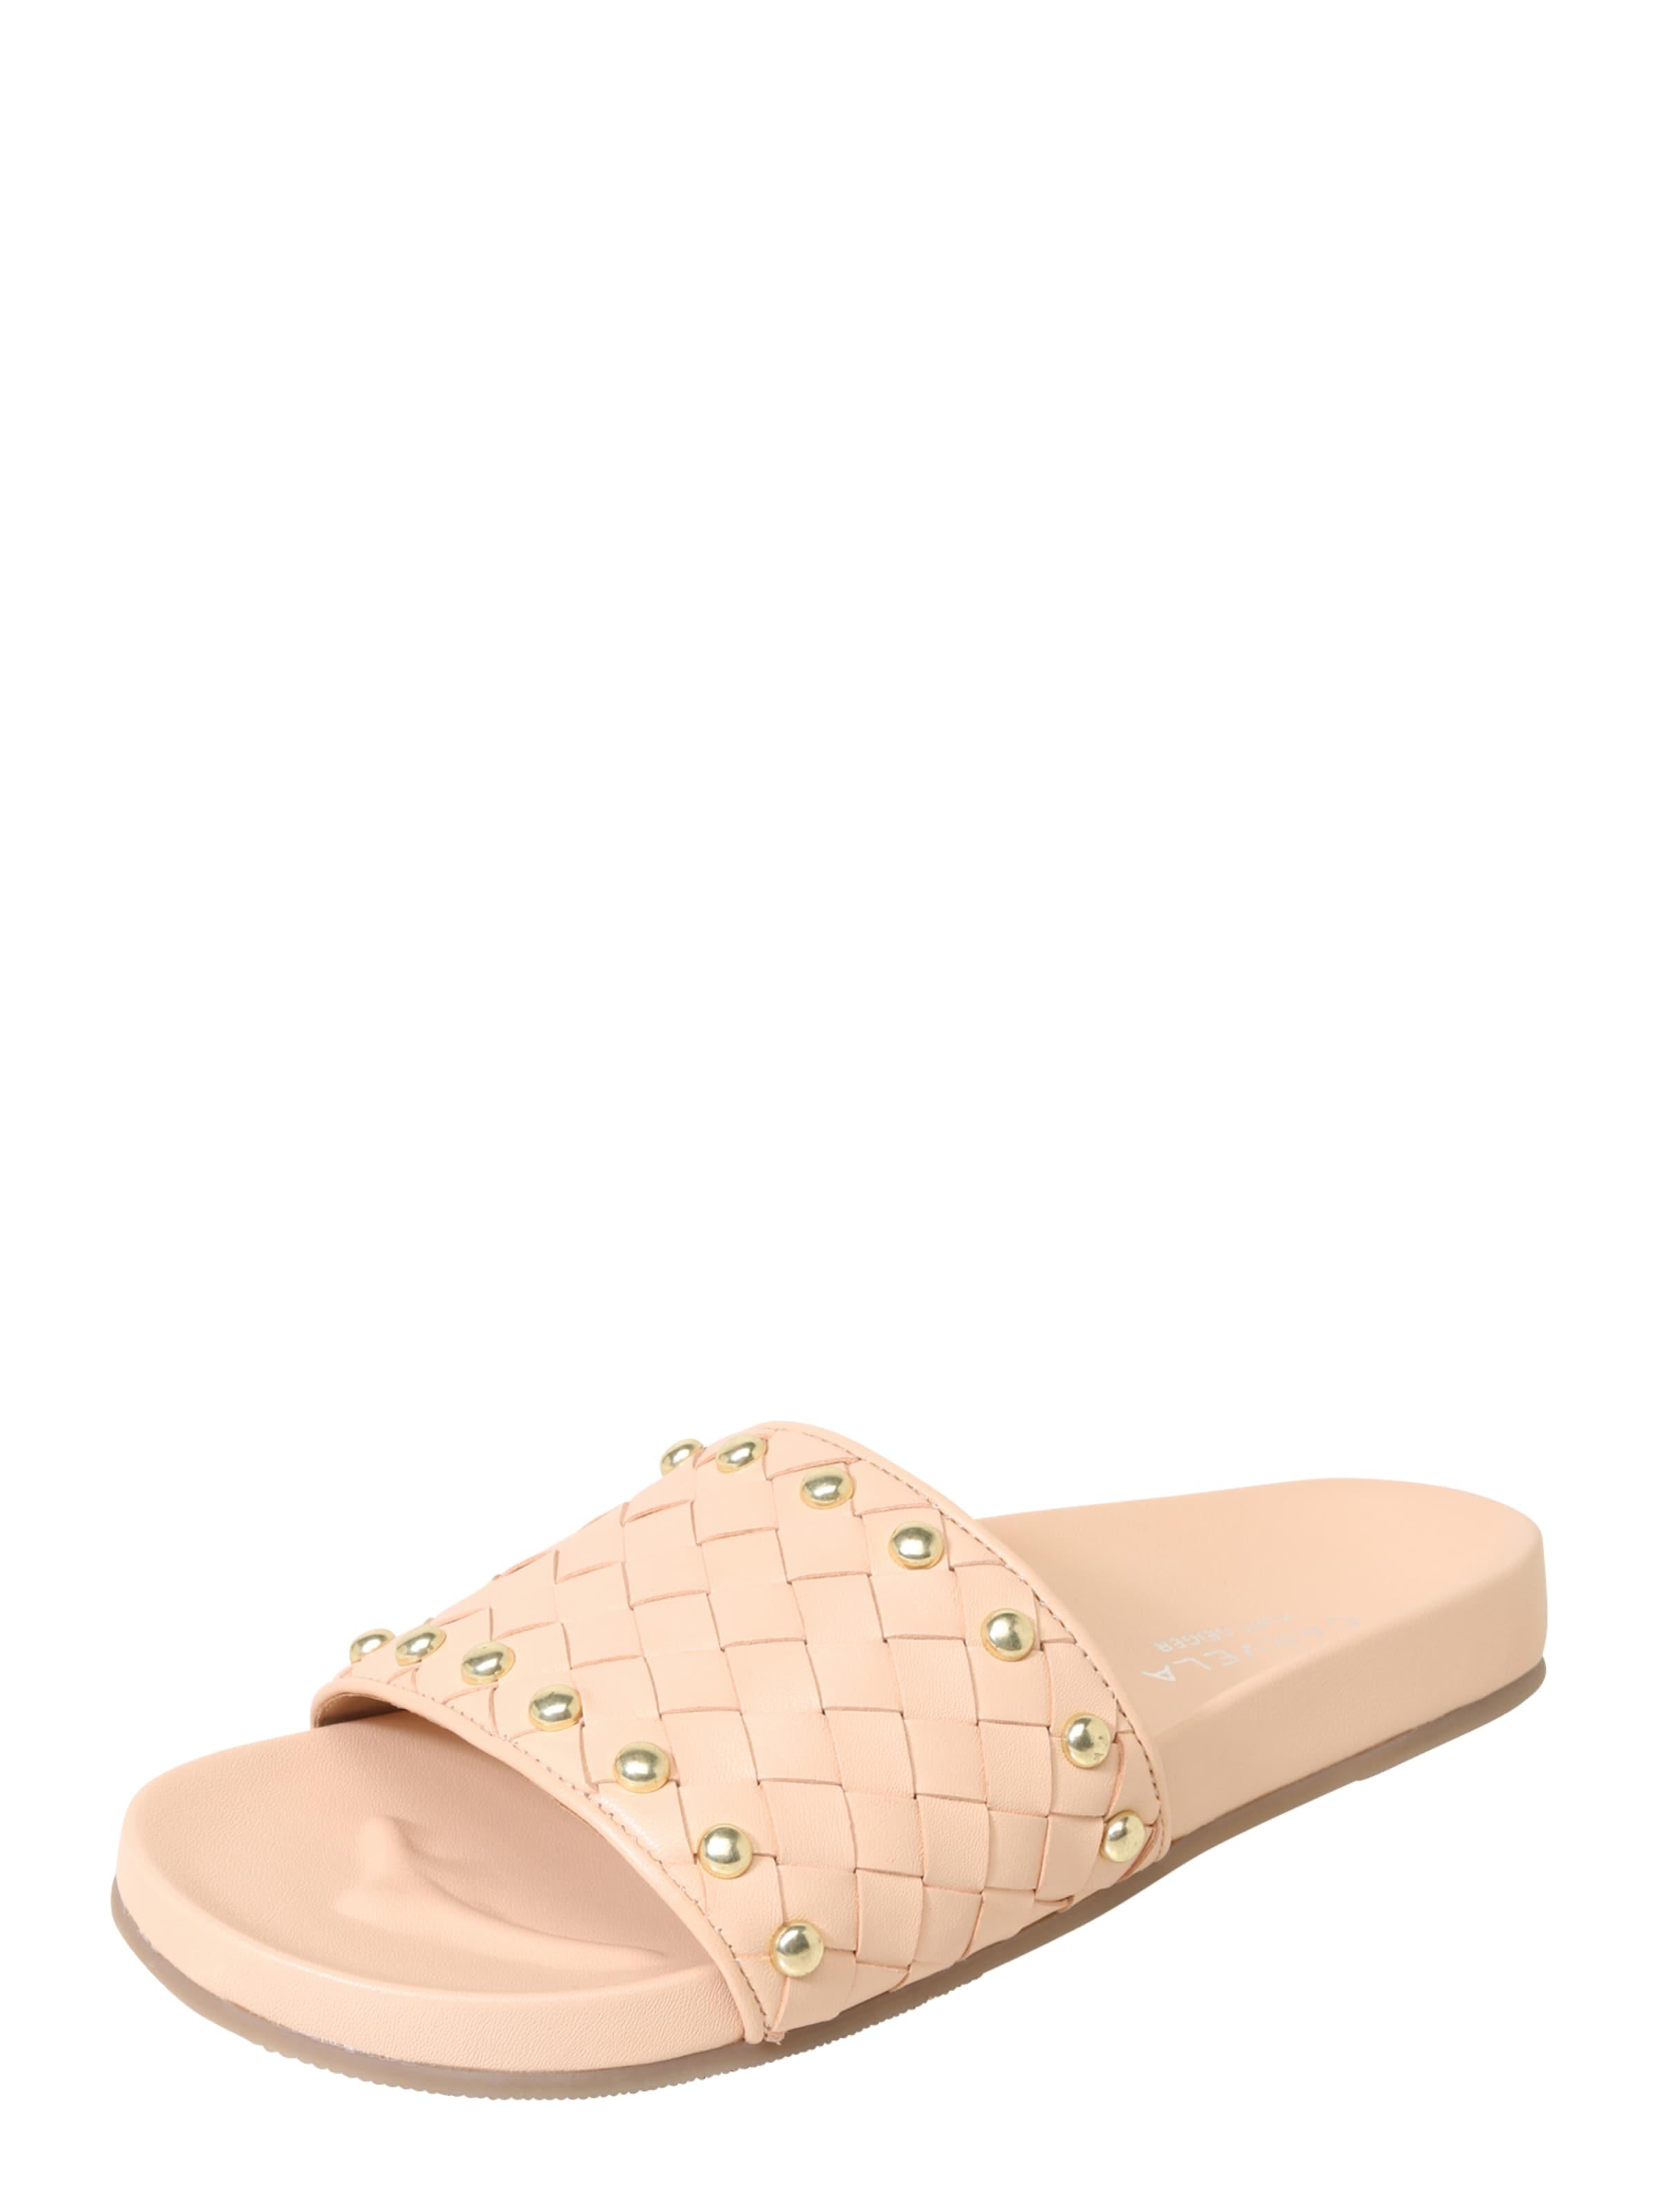 Carvela by Kurt Geiger | Pantolette 'KLARA' Schuhe Gut getragene Schuhe